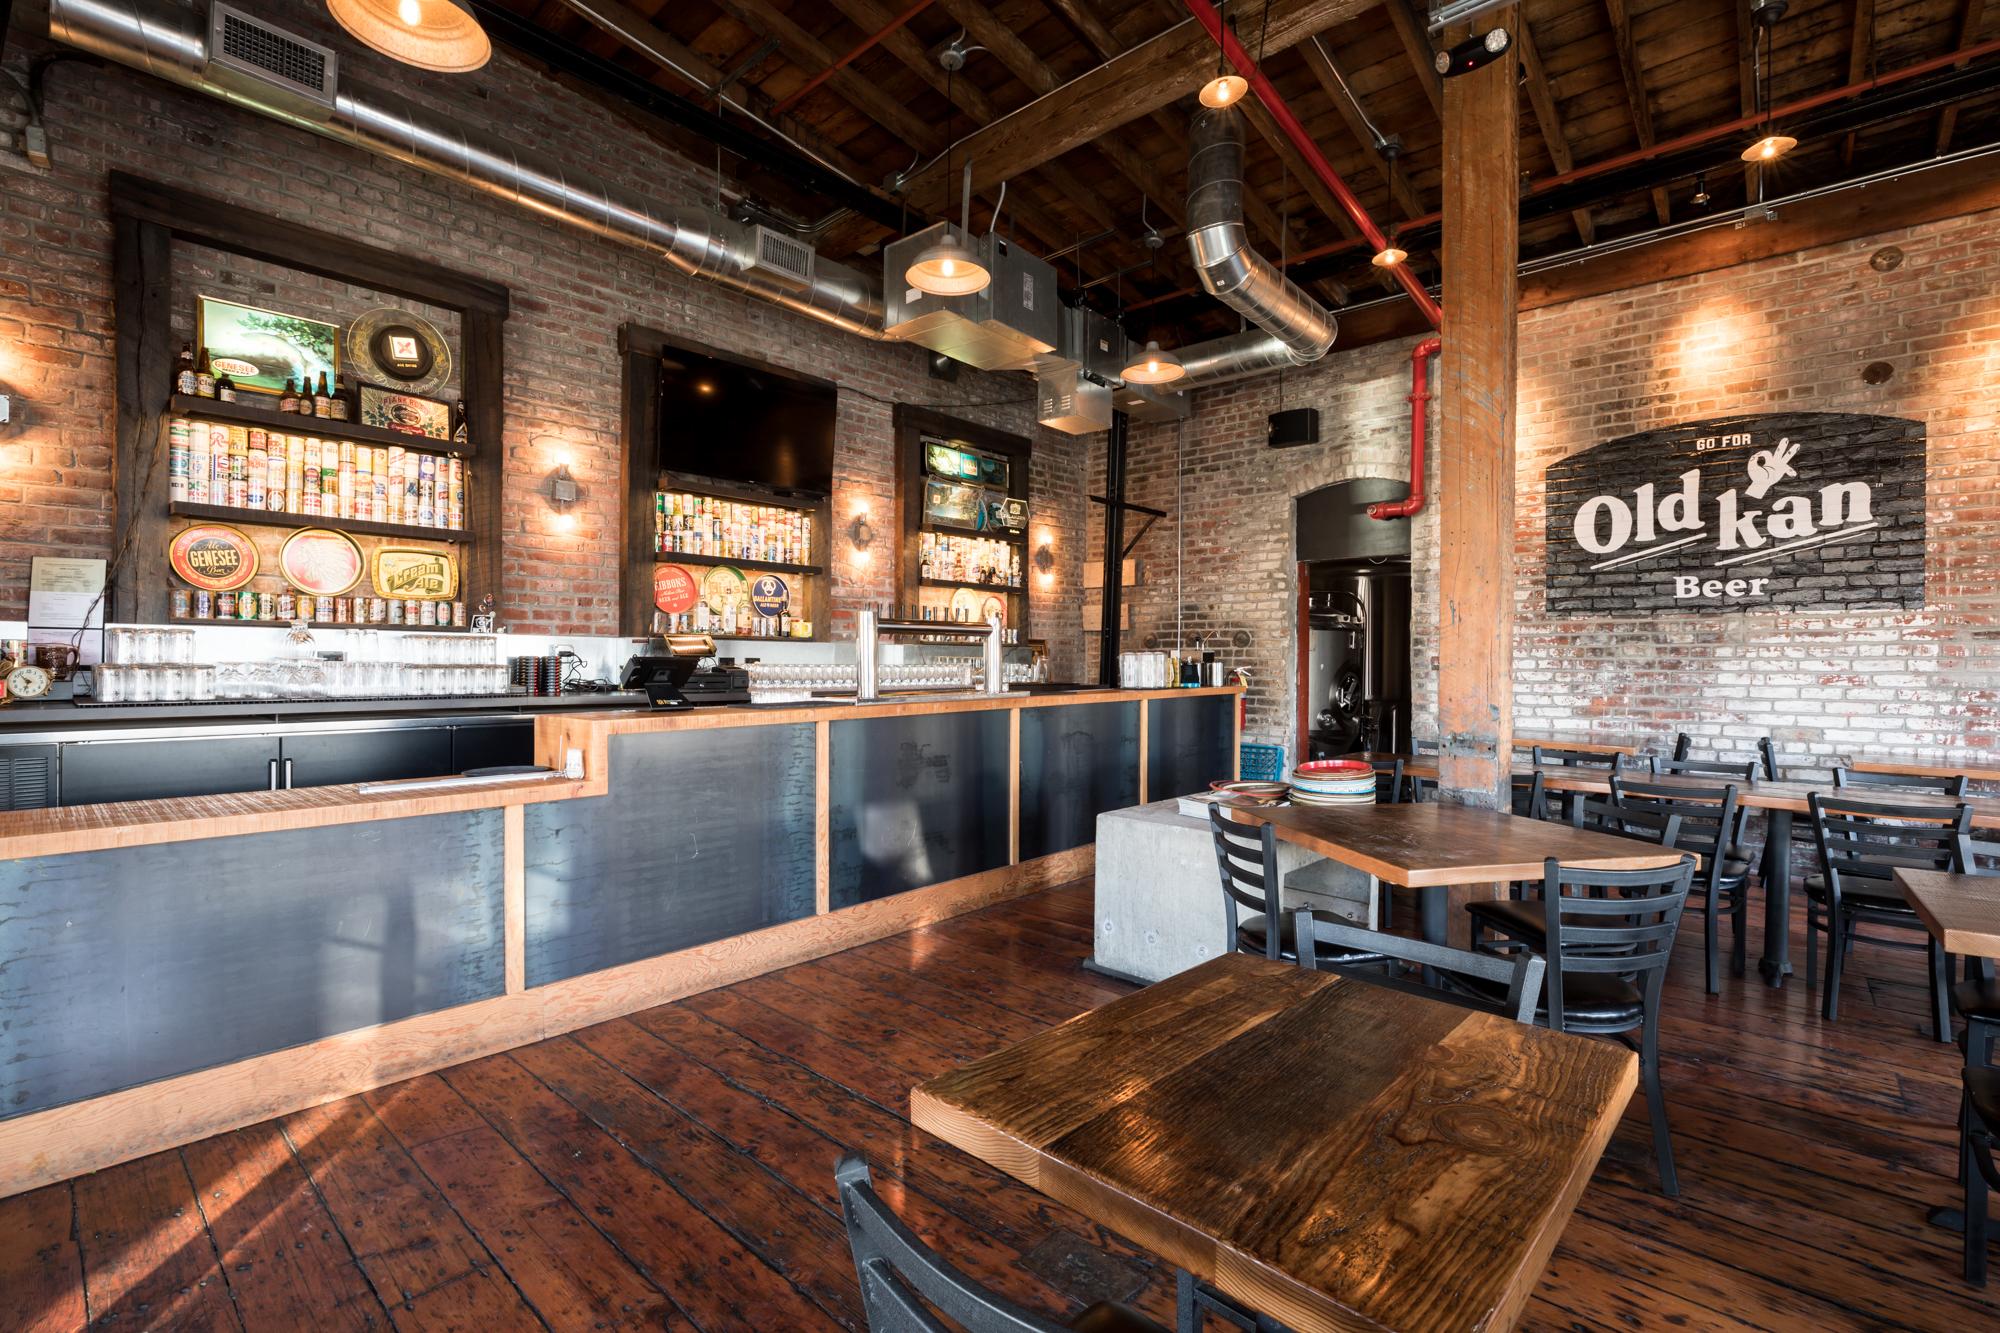 Inside Old Kan Beer Co.